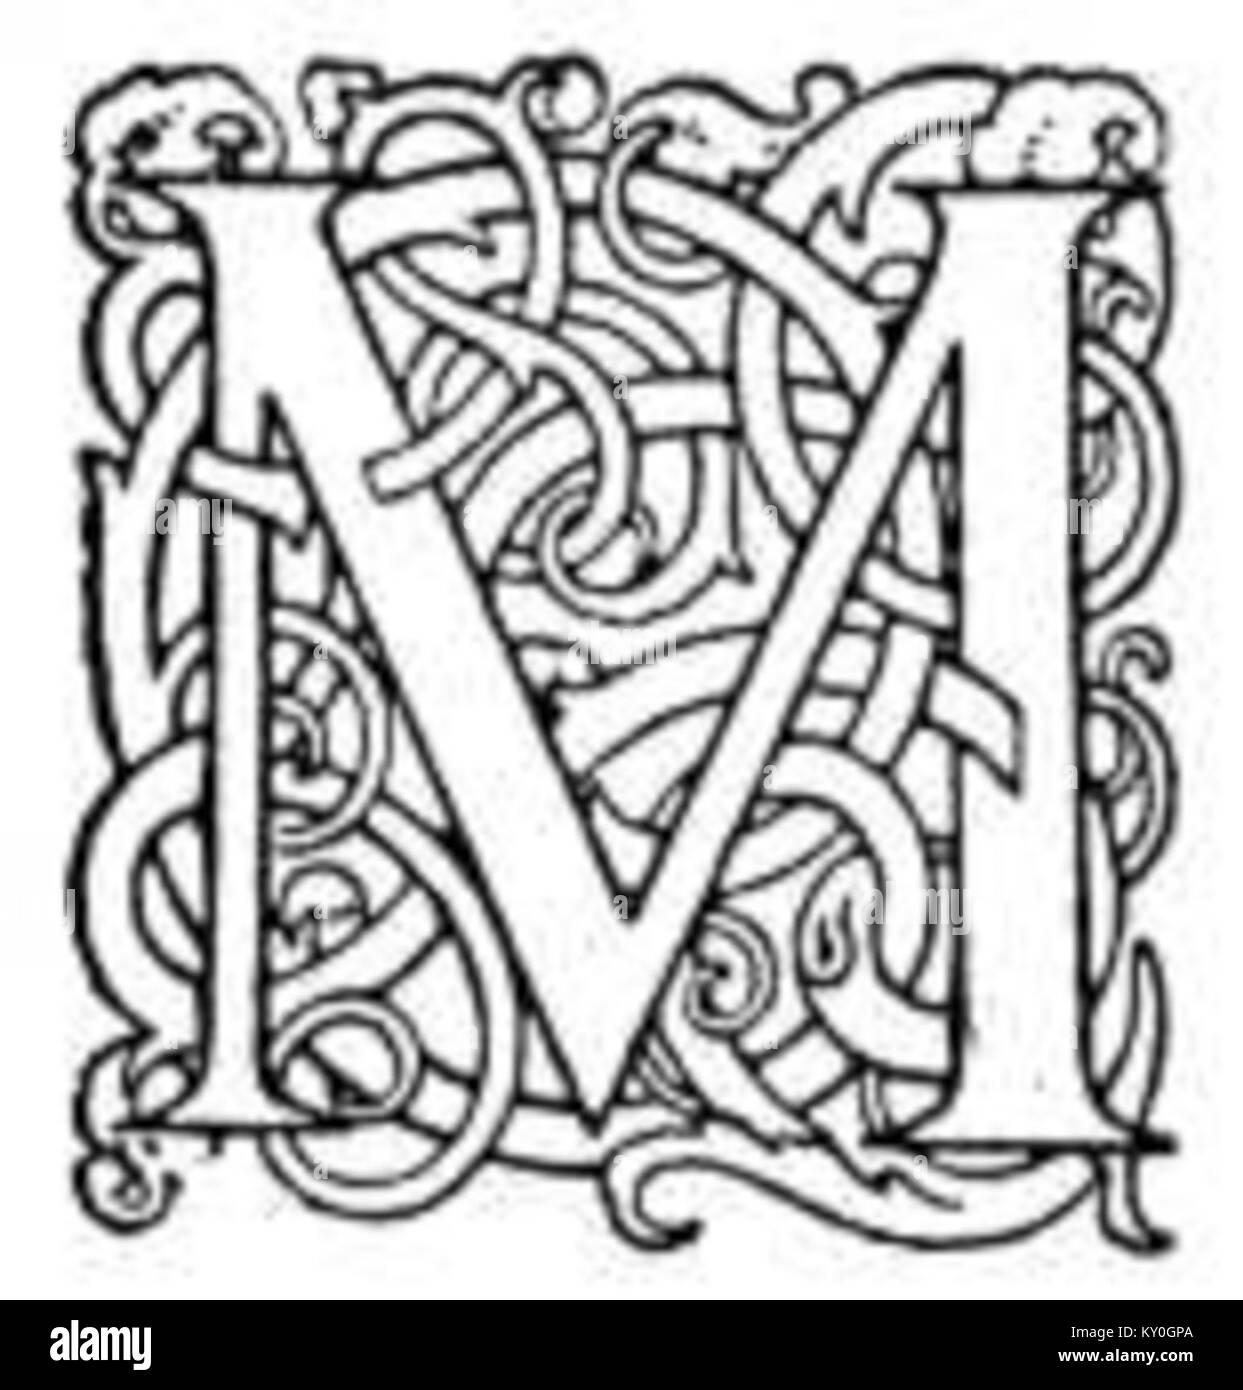 Fancy Letter M 4